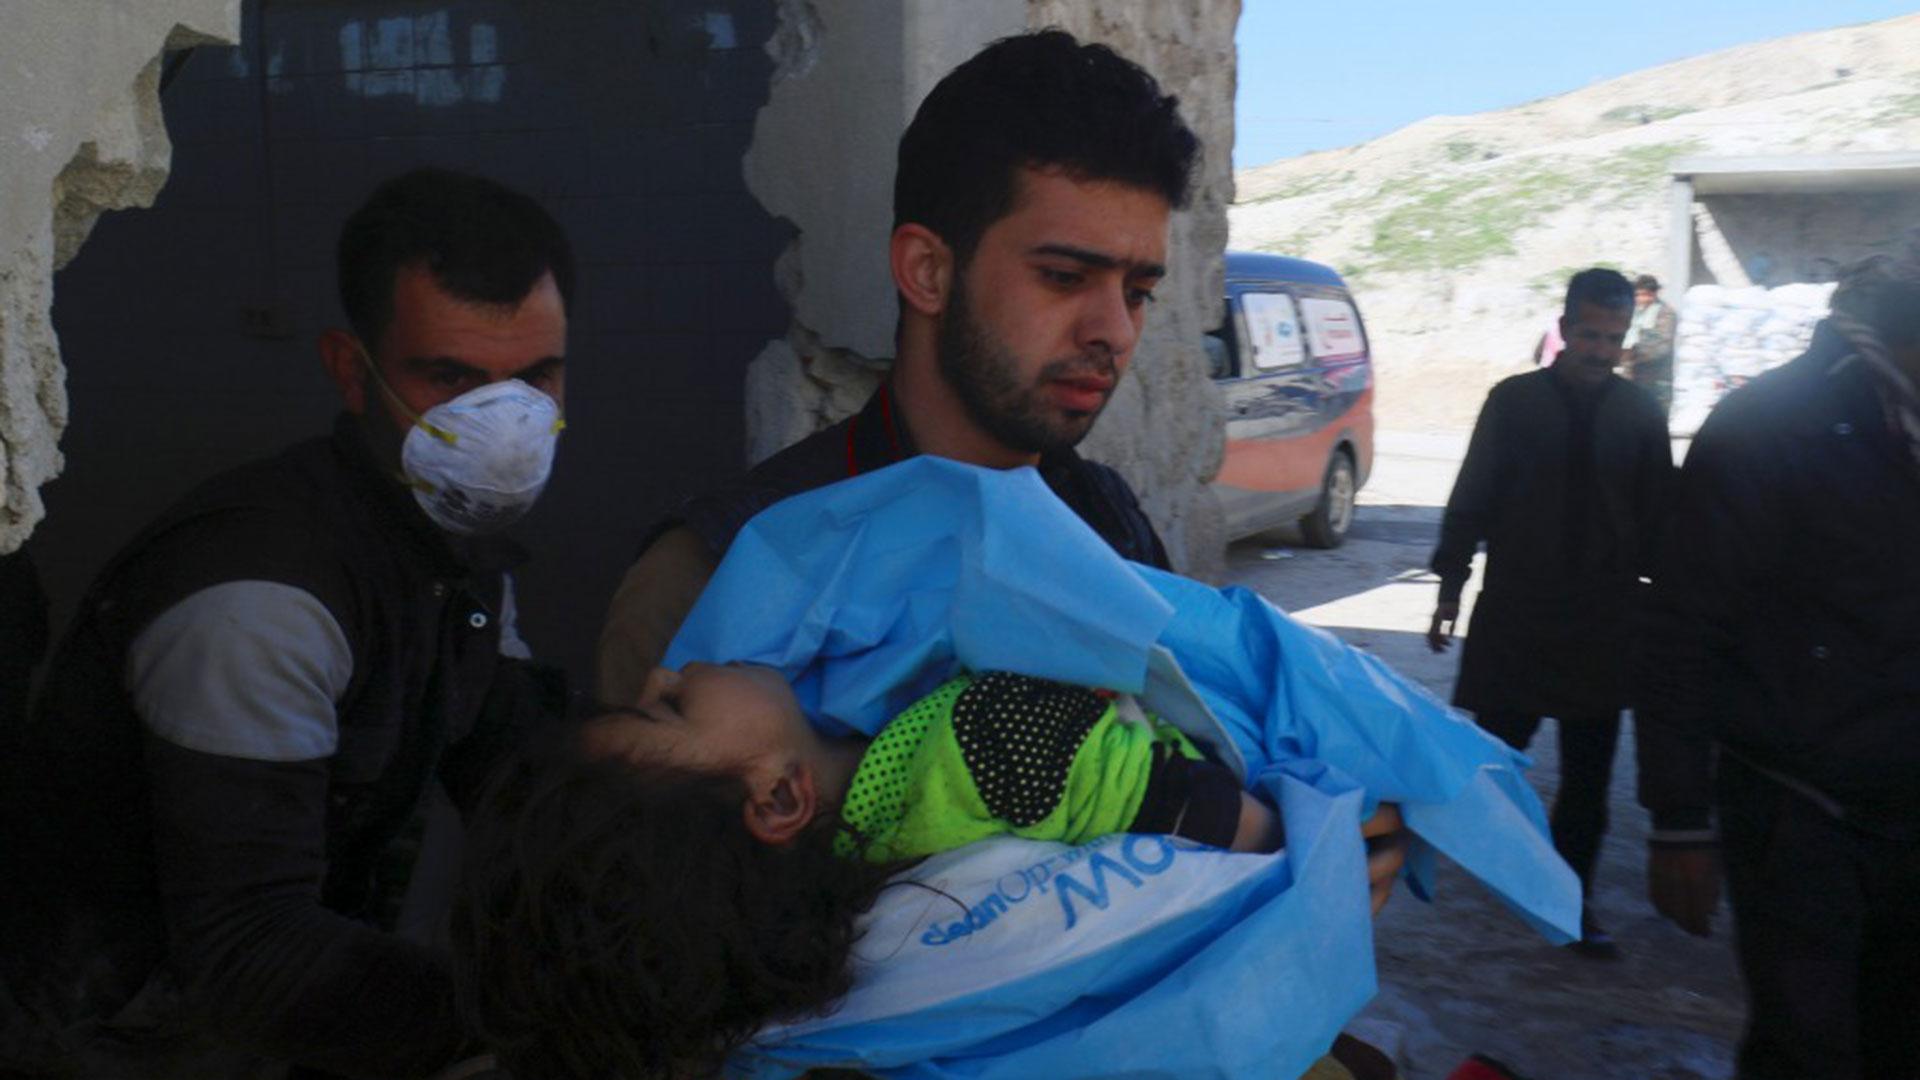 EEUU acusó a Siria de haber utilizado gas cloro y sarín contra la población civil (Reuters)